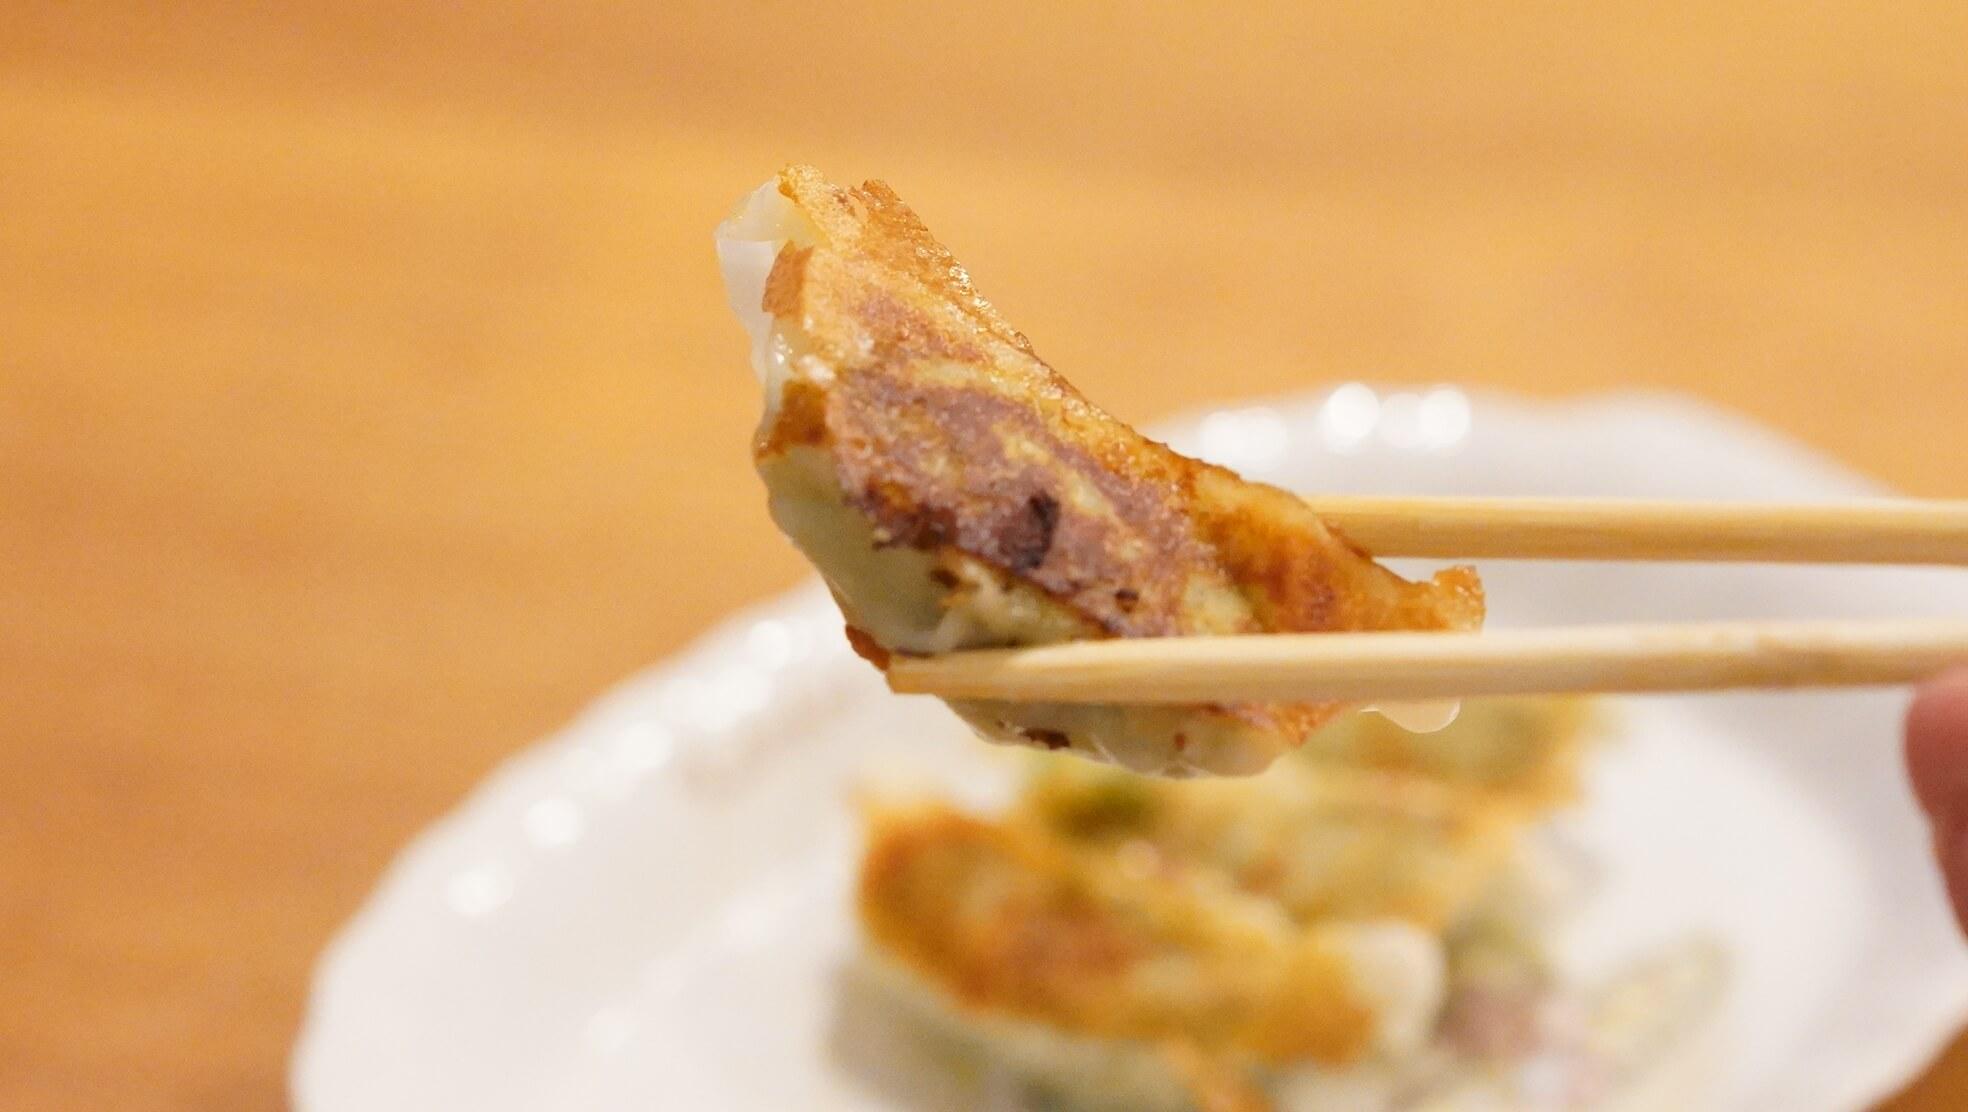 味の素のアスリート専用の冷凍餃子「コンディショニングギョーザ」を箸でつまんだ写真